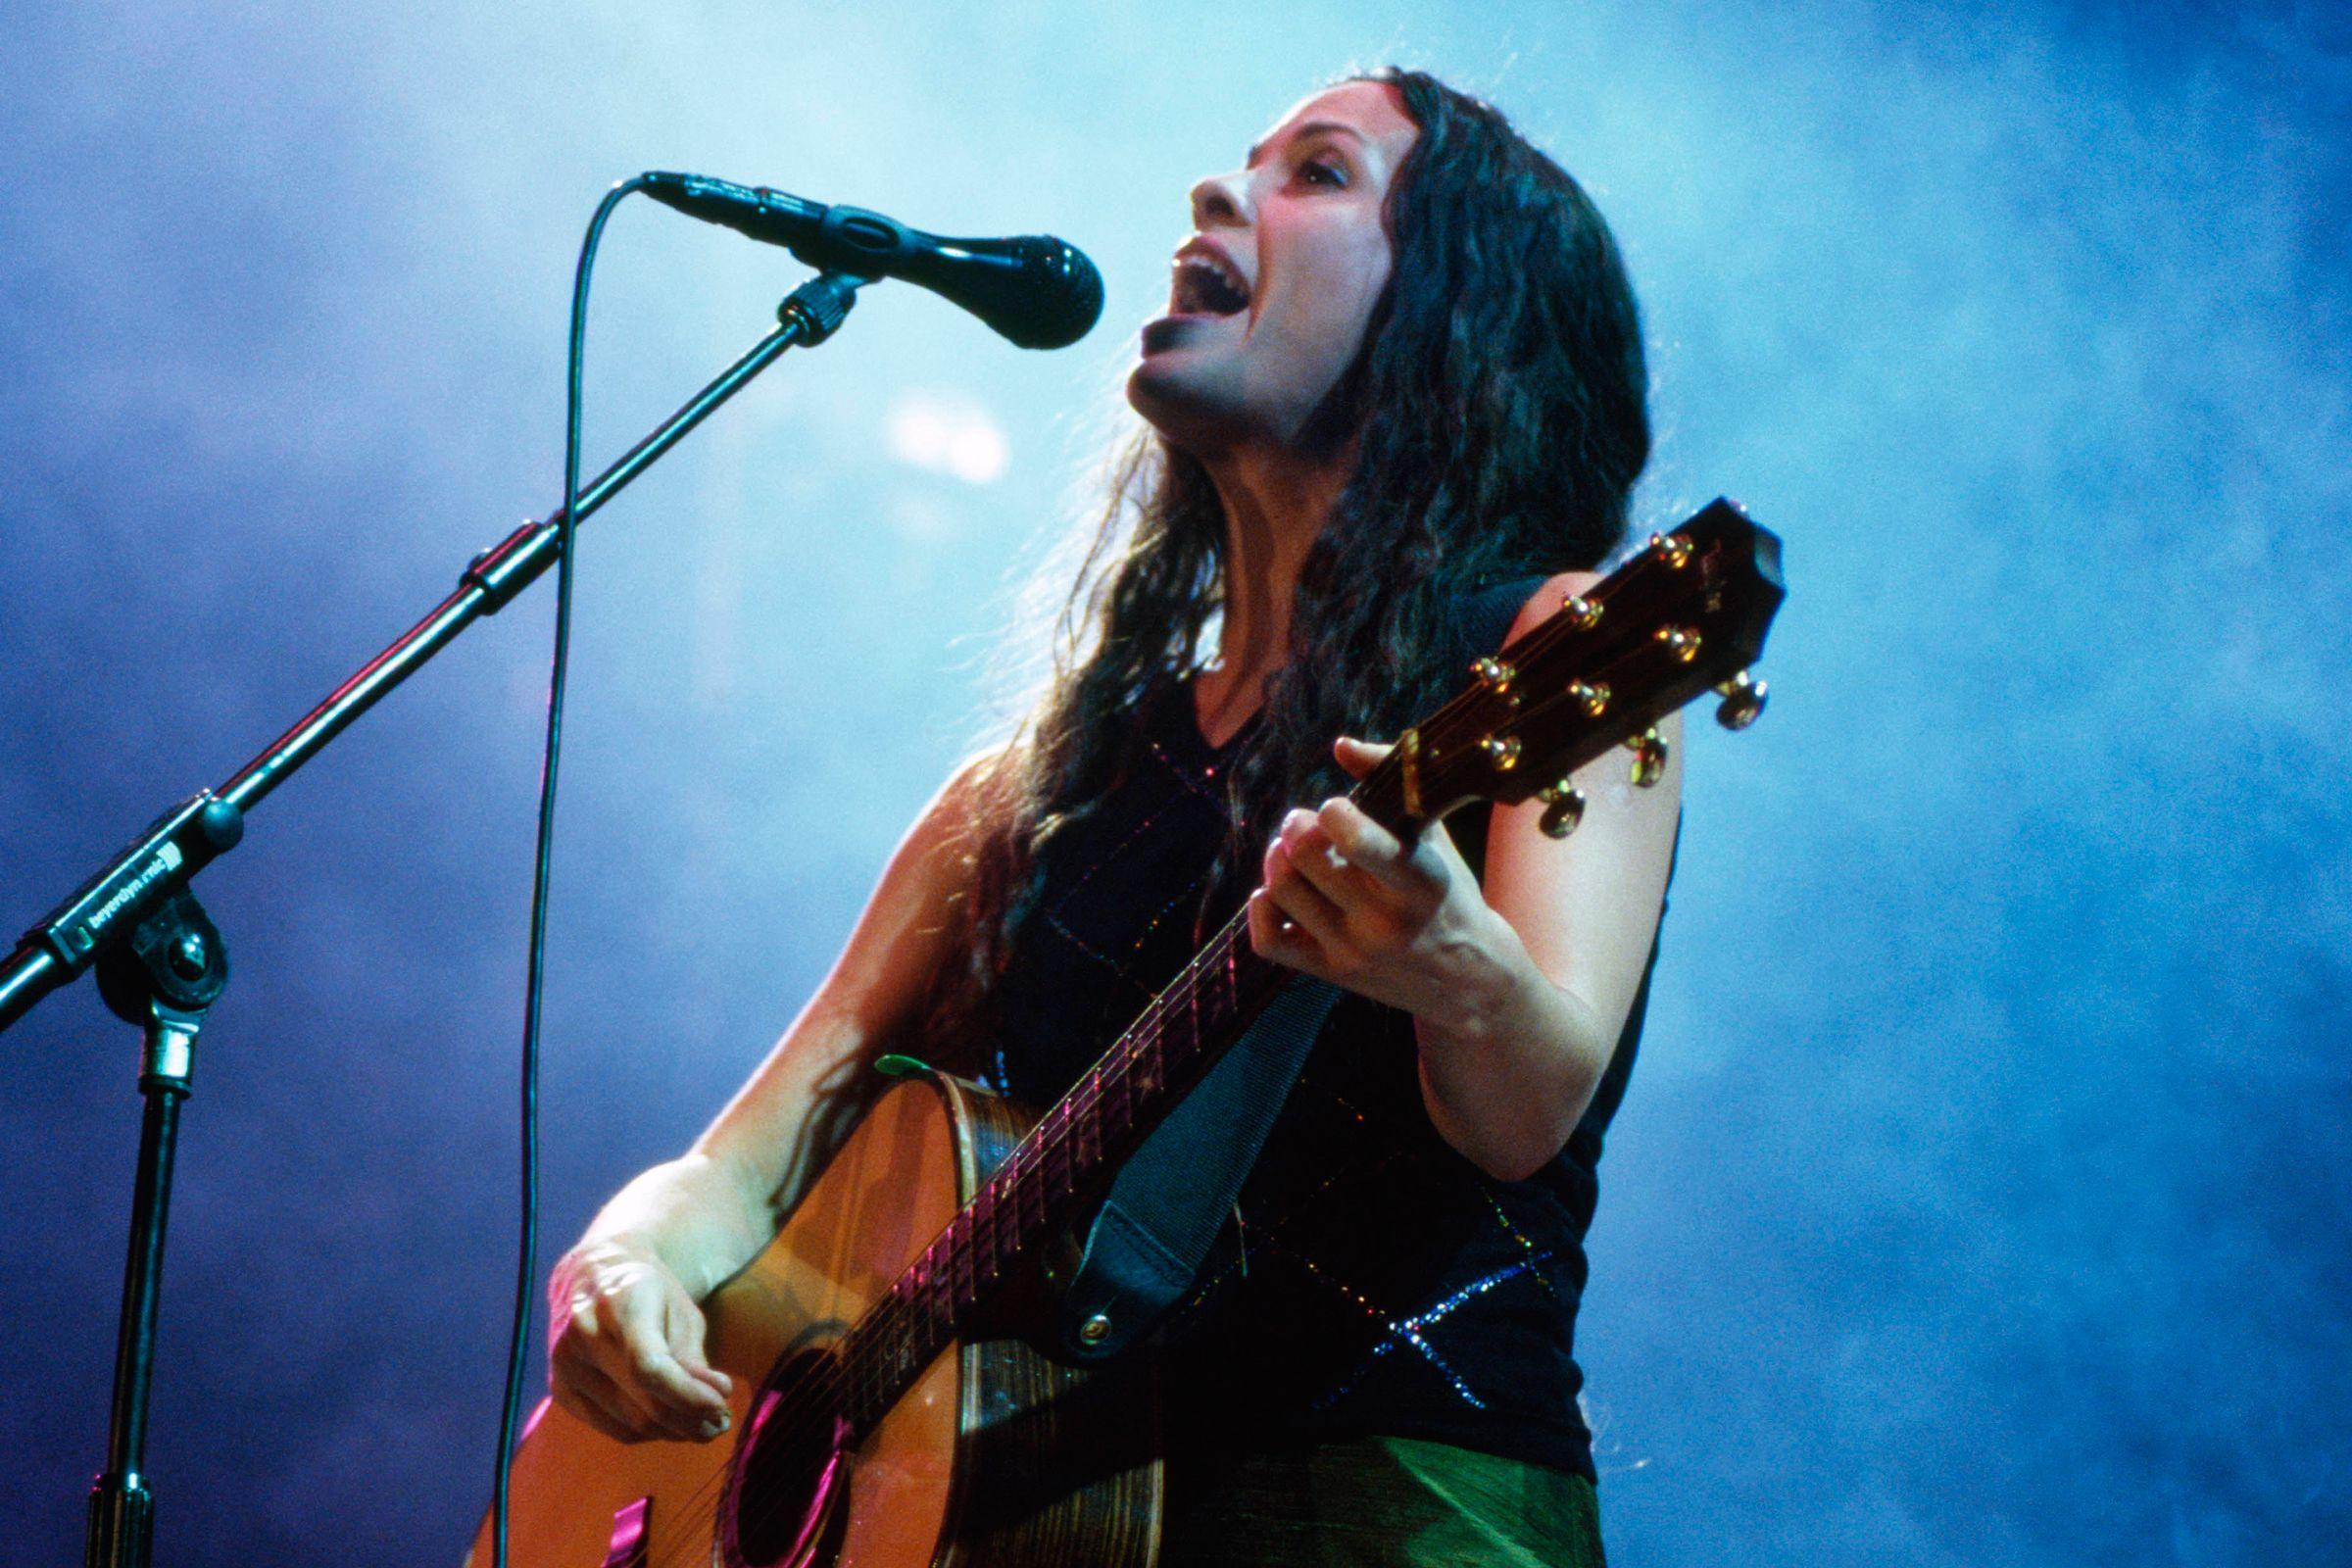 Rilis Album Baru, Alanis Morissette Siap Geber Tur Dunia